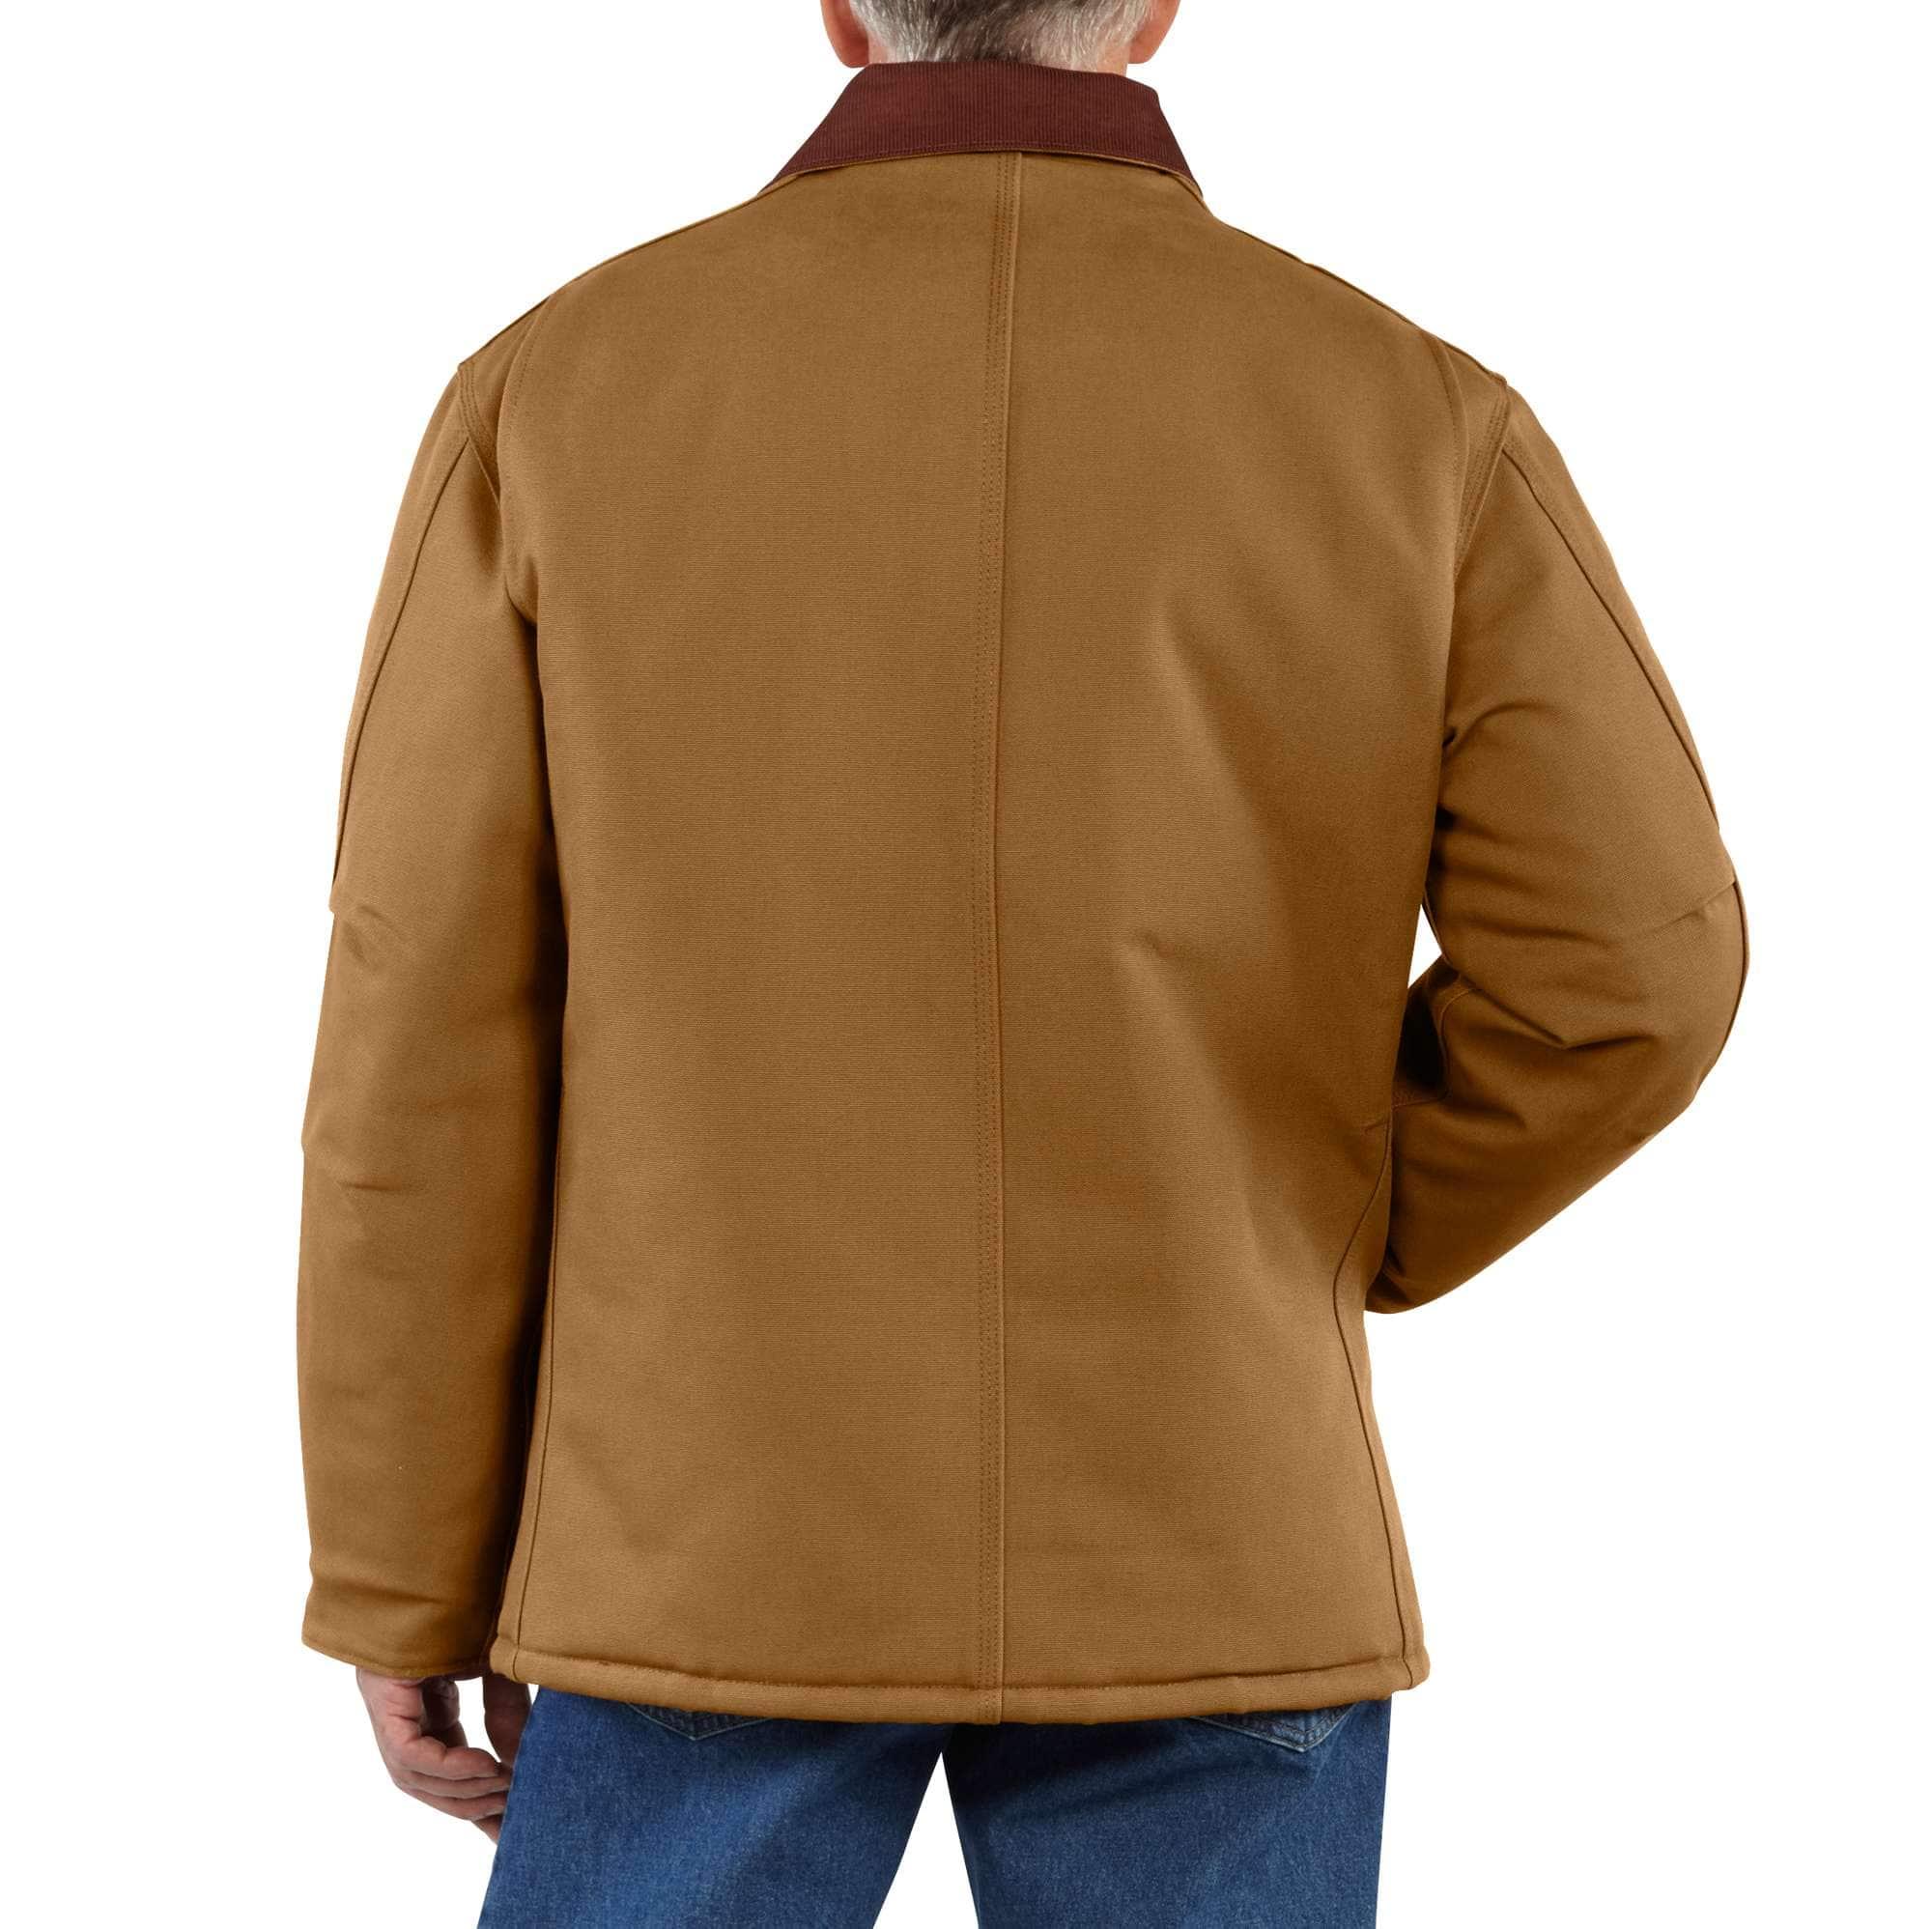 Men S Duck Traditional Arctic Quilt Lined Coat C003 Carhartt [ 1997 x 2000 Pixel ]